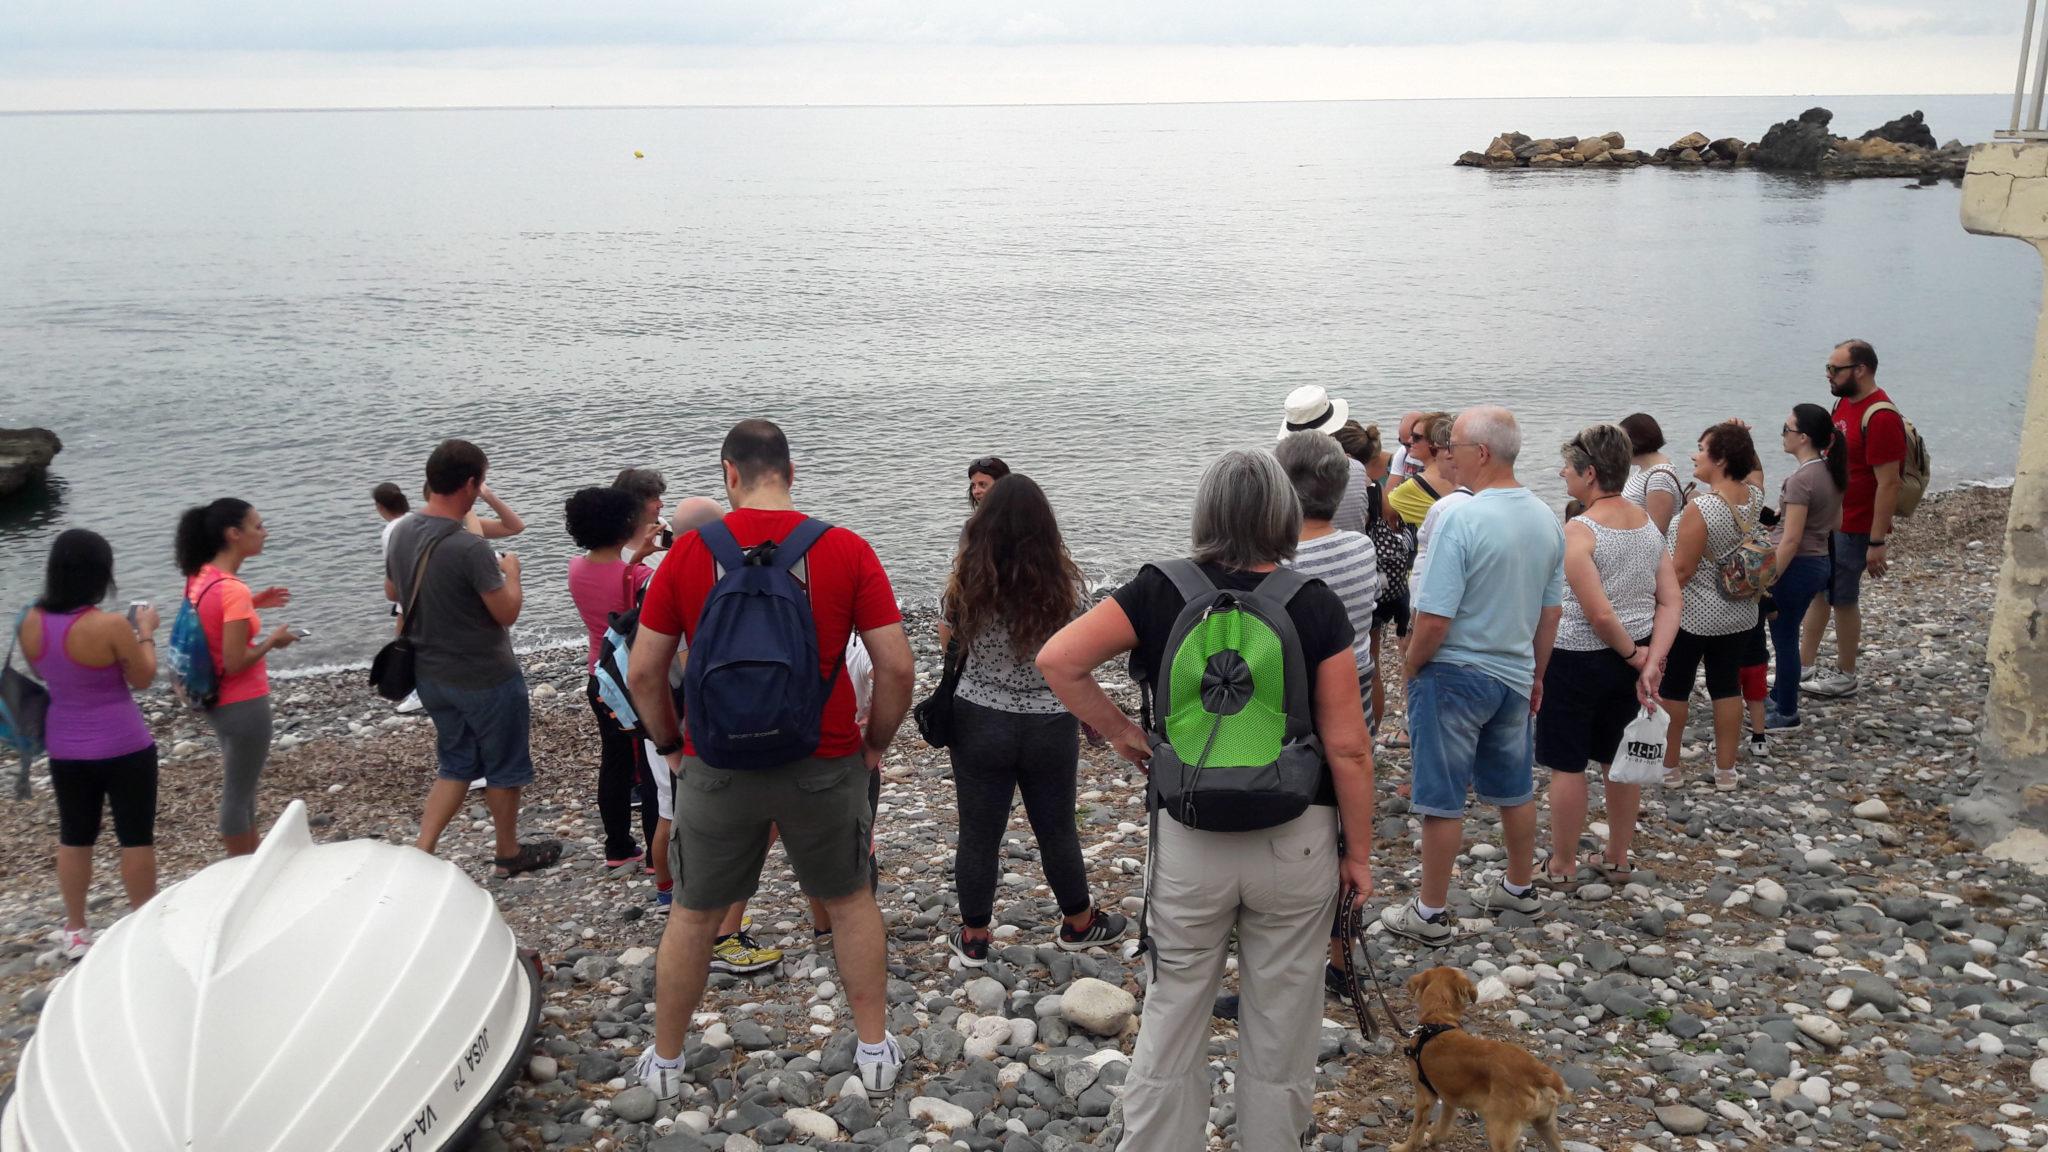 Èxit de participació a la ruta a peu pel Parc Natural de la Serra Gelada amb motiu del Dia Mundial del Turisme Sostenible